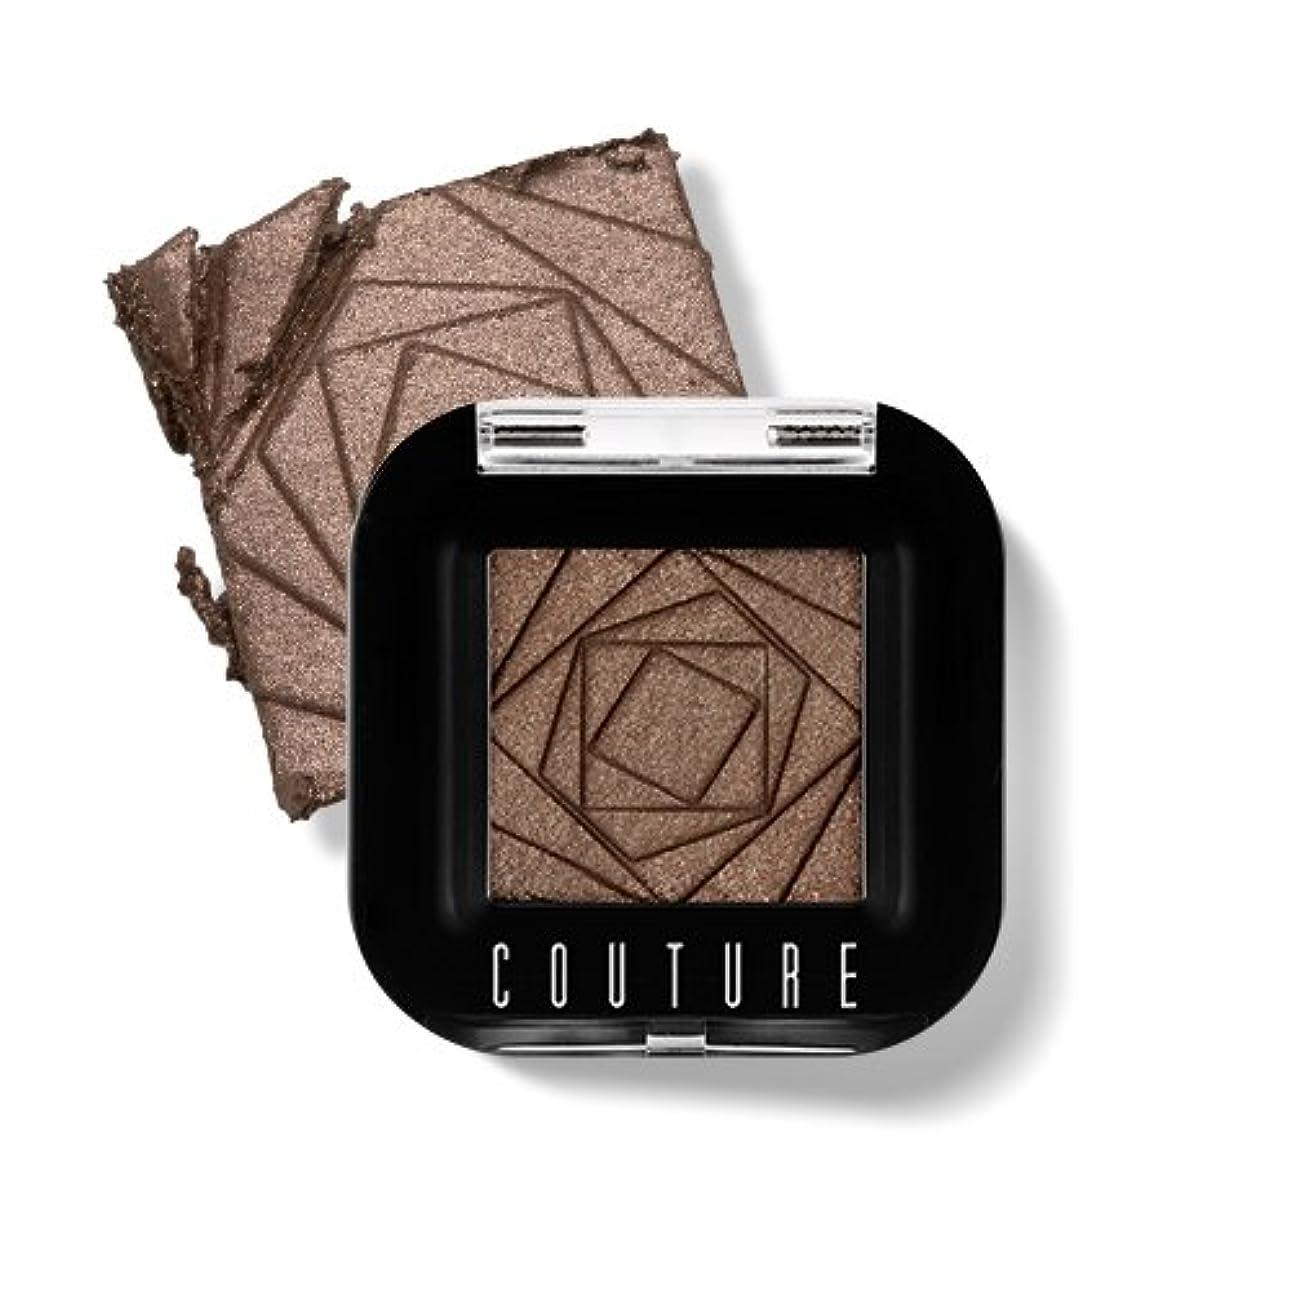 激しい説明するインタビューAPIEU Couture Shadow (# 6) /アピュ/オピュ クチュールシャドウ [並行輸入品]